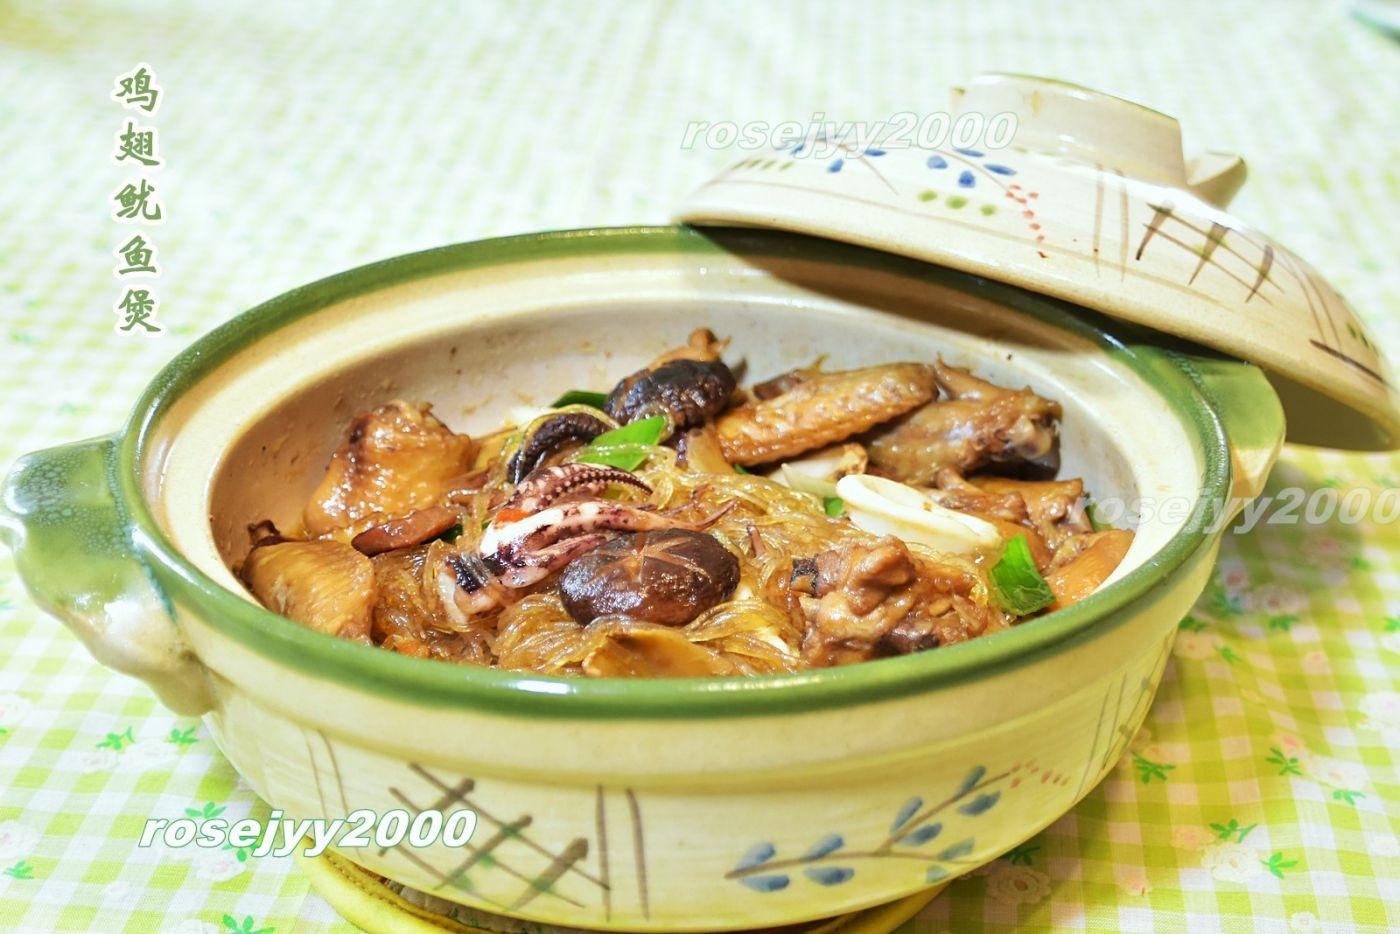 鸡翅海鲜煲_图1-1